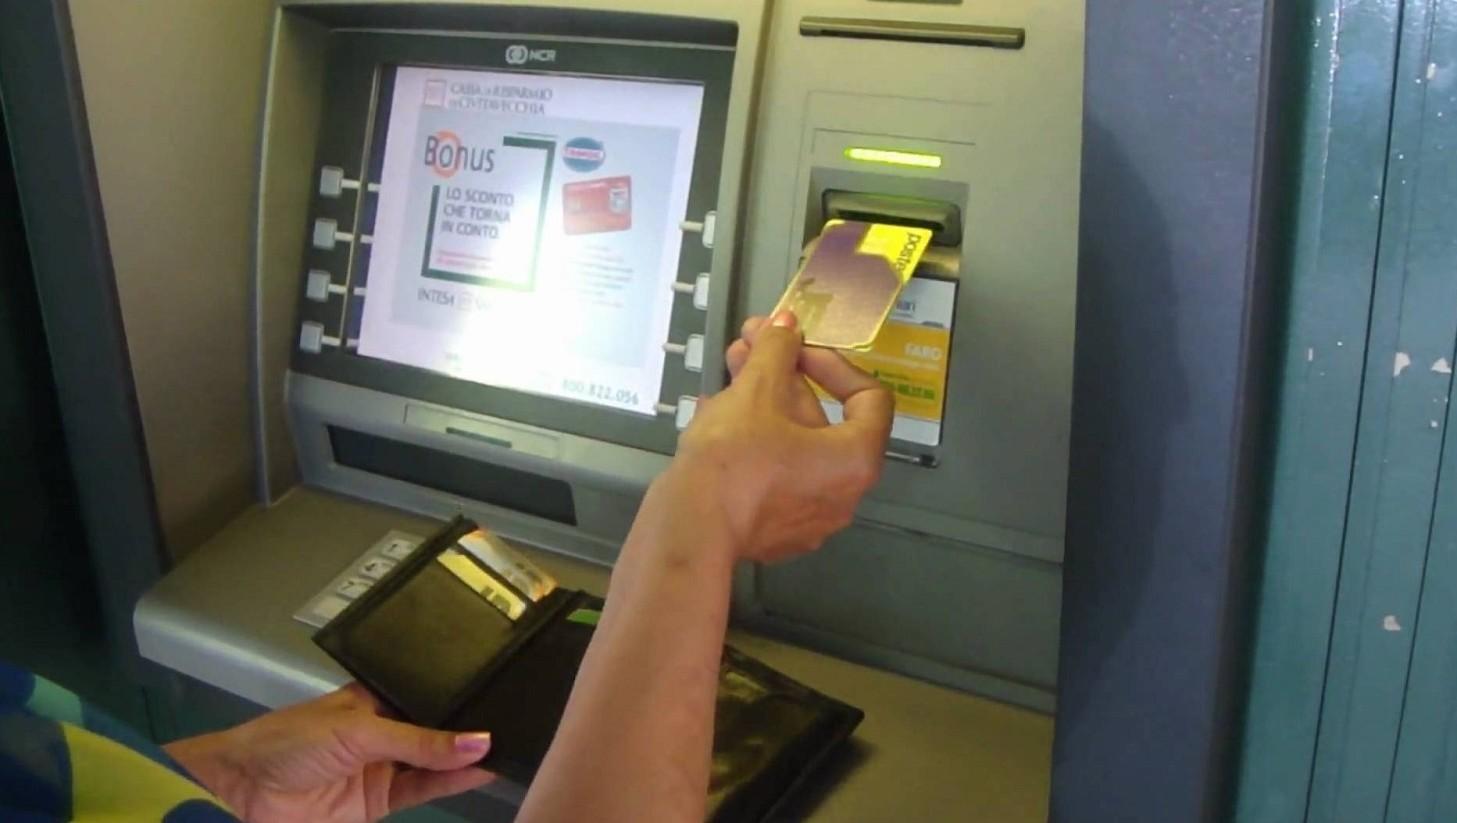 Clona carta di credito per farsi ricaric